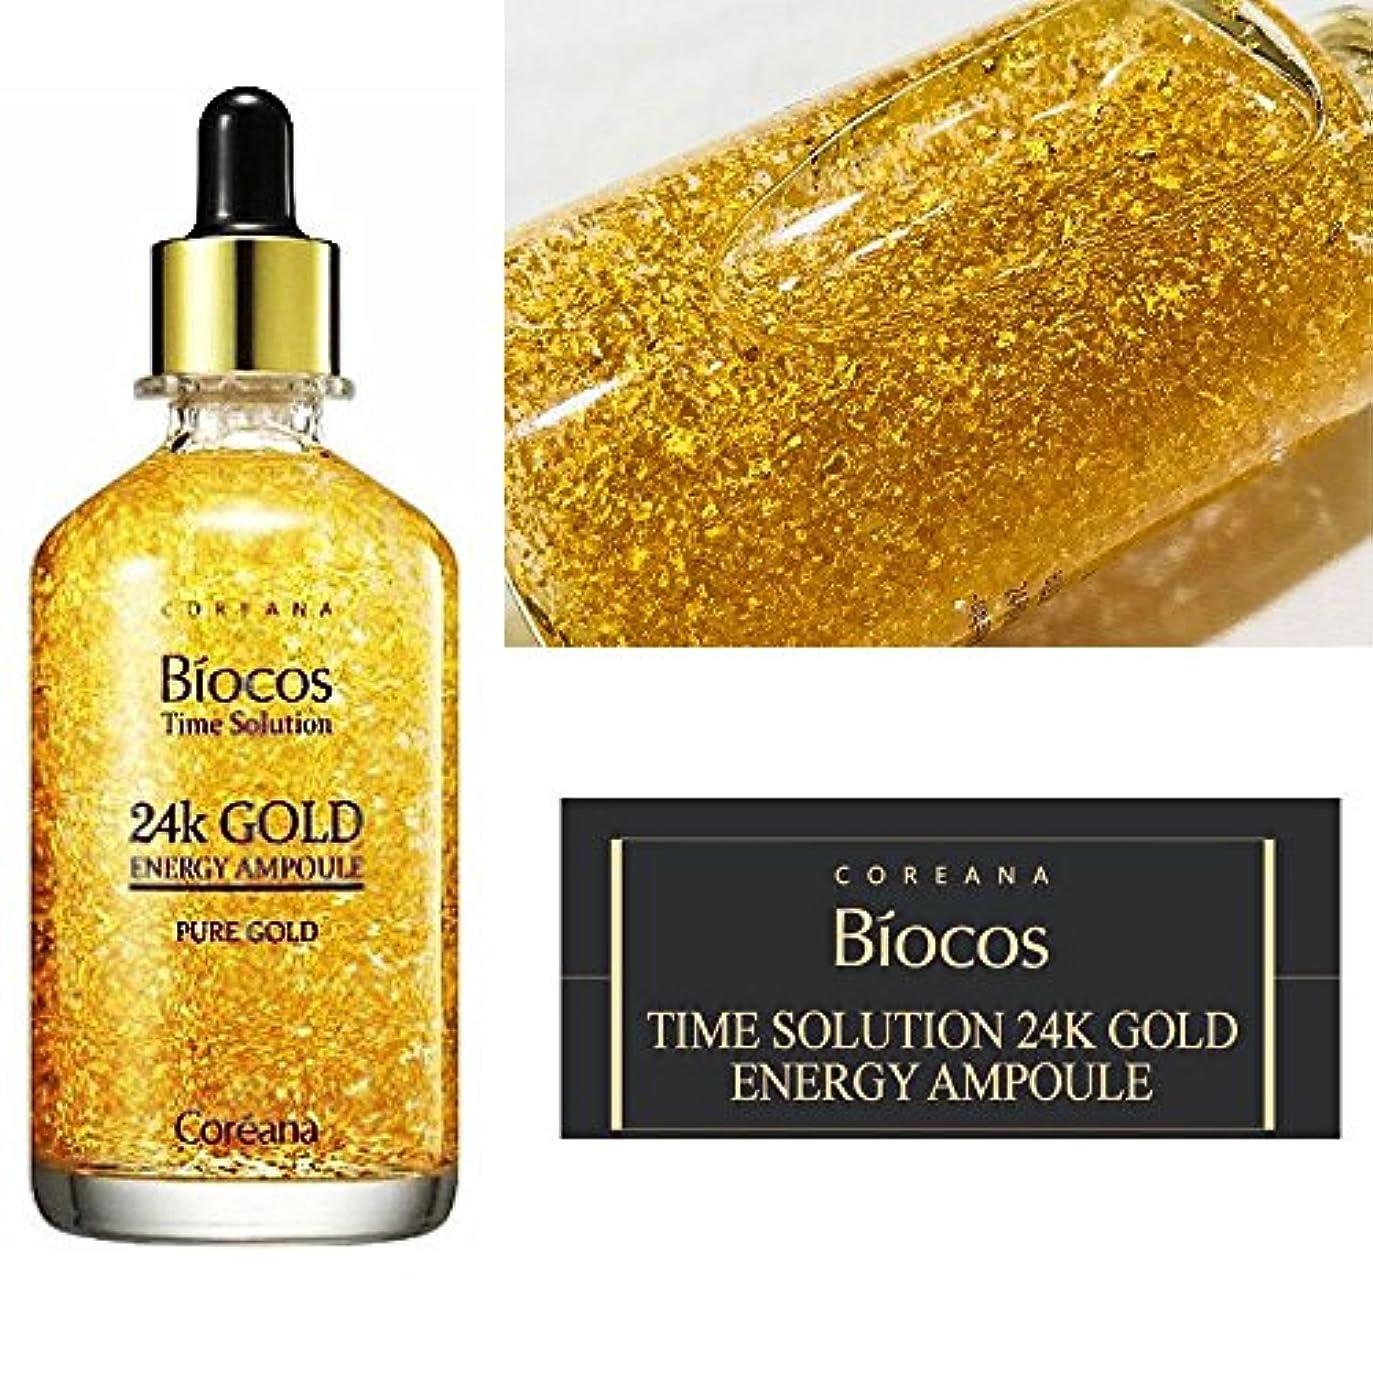 袋お別れ材料[COREANA] Biocos Time Solution 24kゴールドエナジーアンプル100ml/[COREANA] Biocos Time Solution 24K Gold Energy Ampoule - 100ml